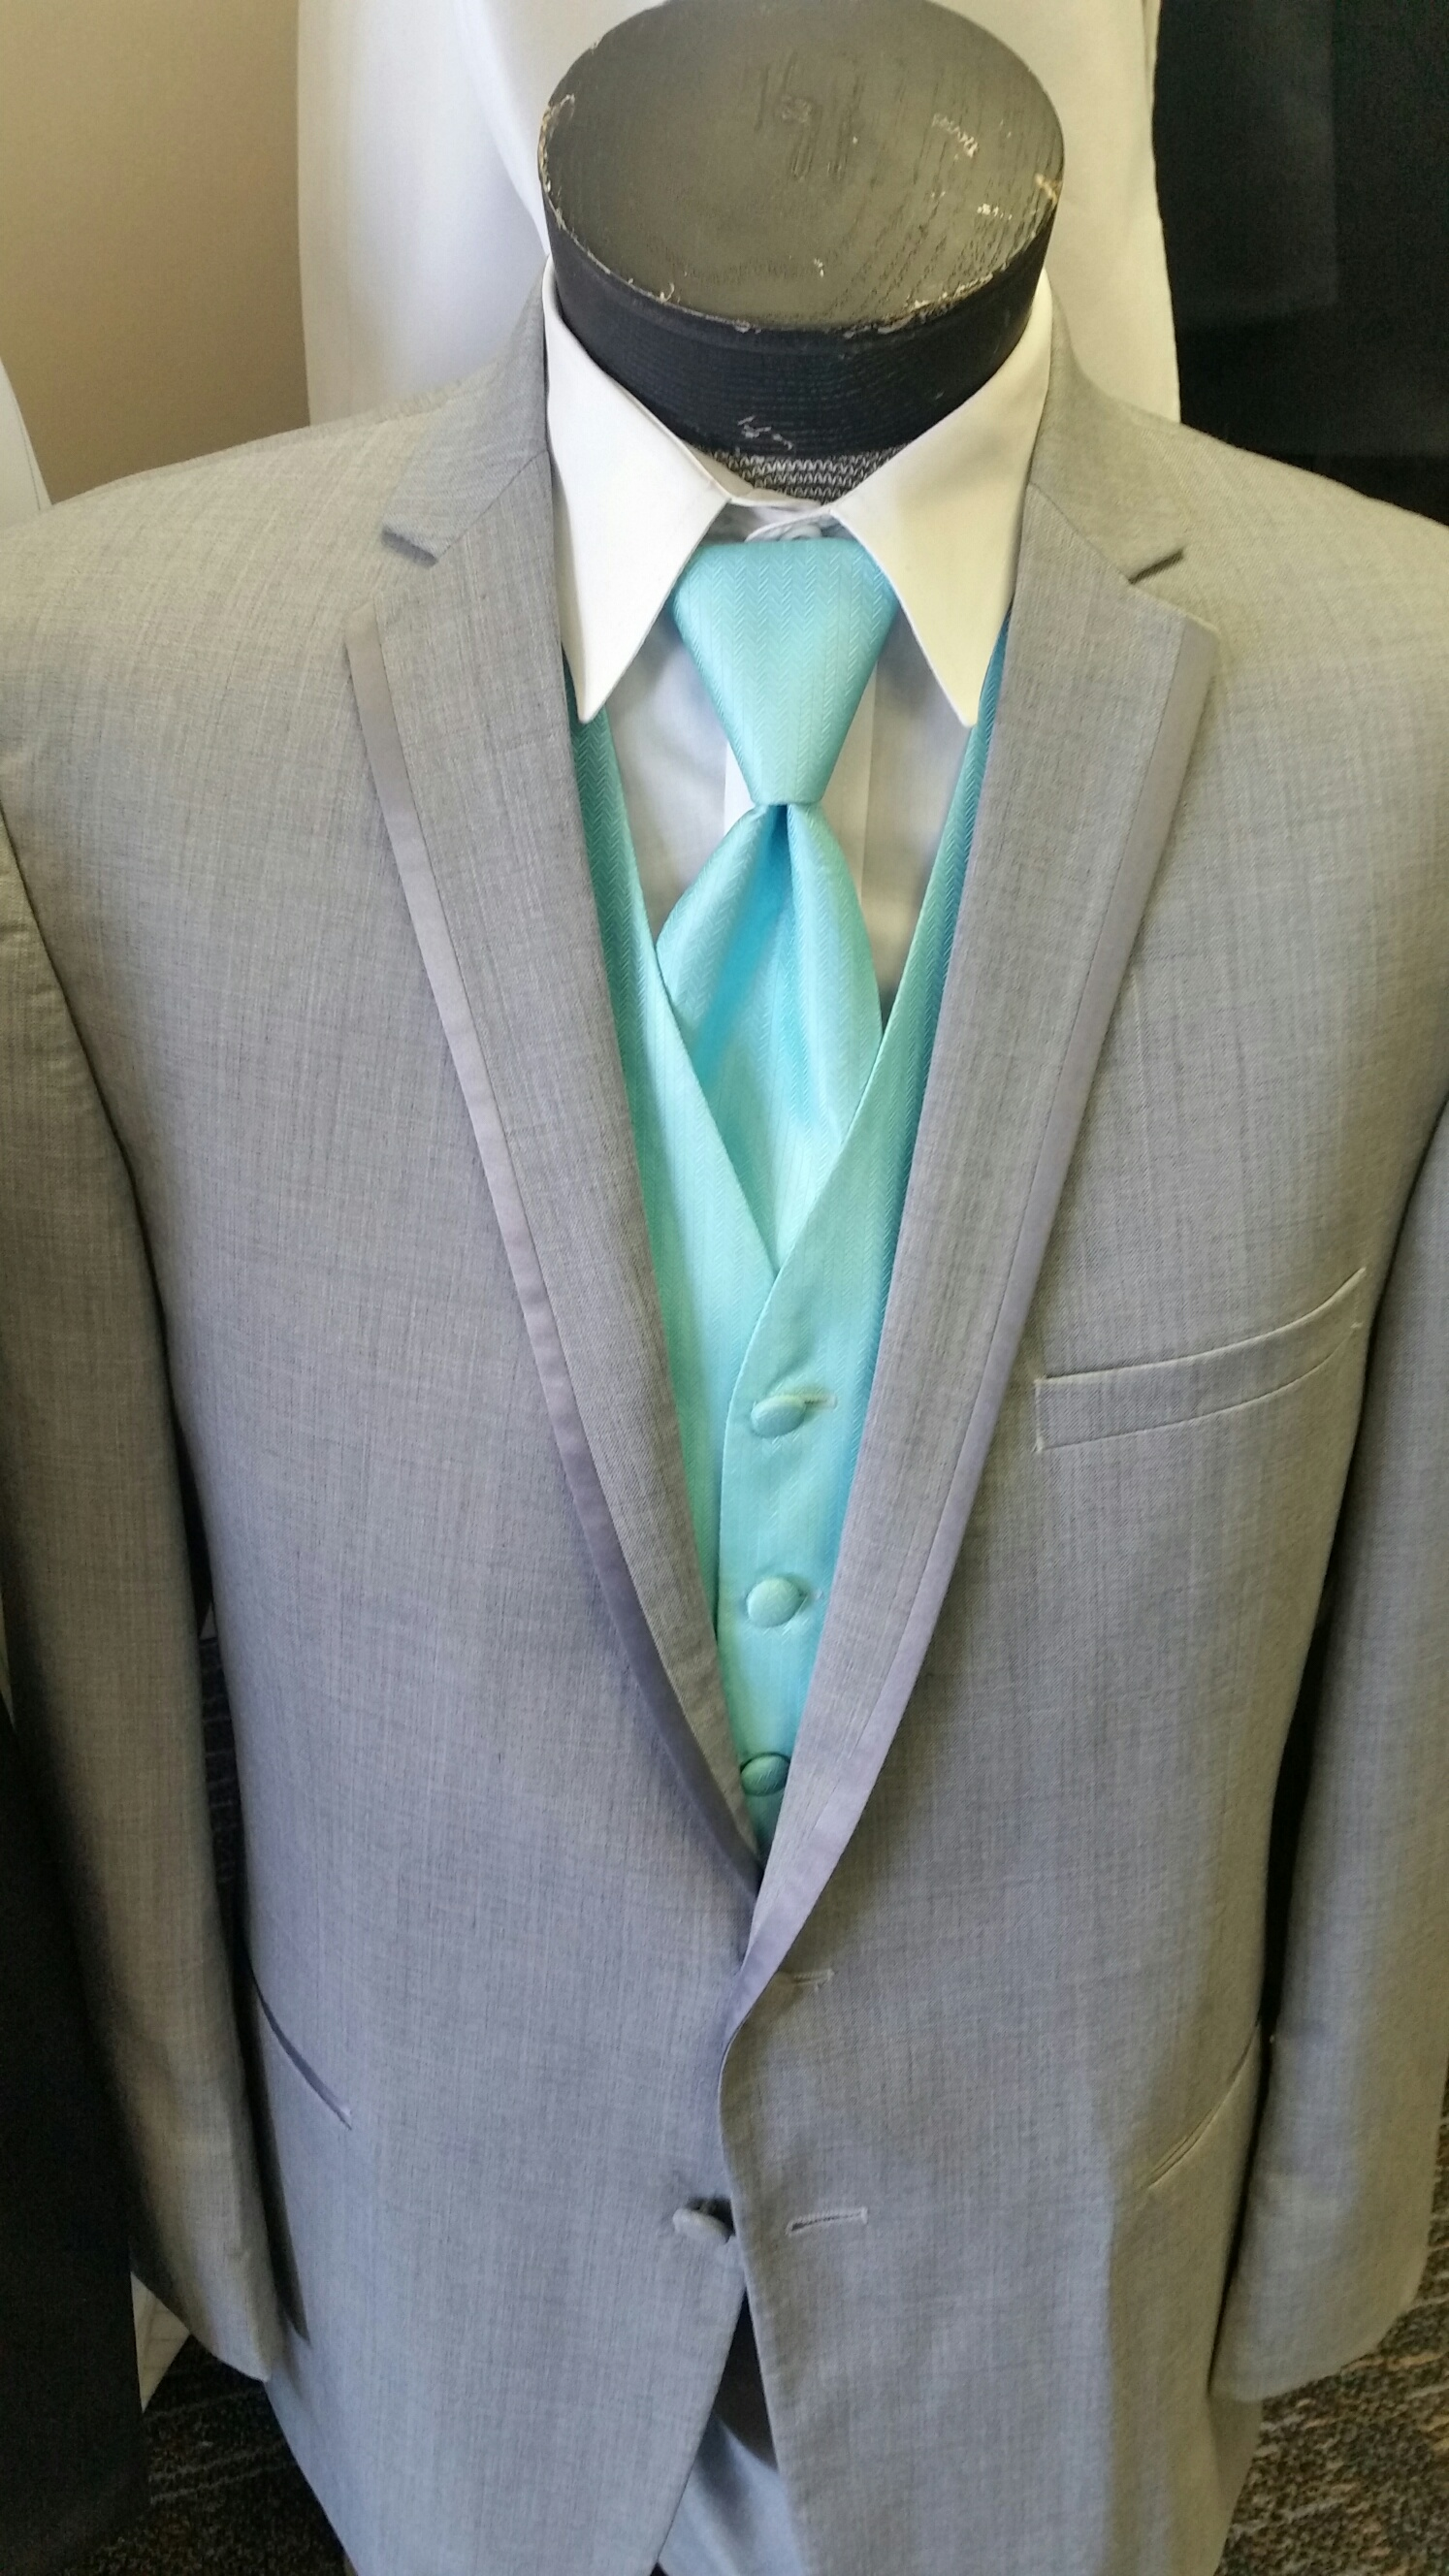 wedding tuxedo rentalrose tuxedo